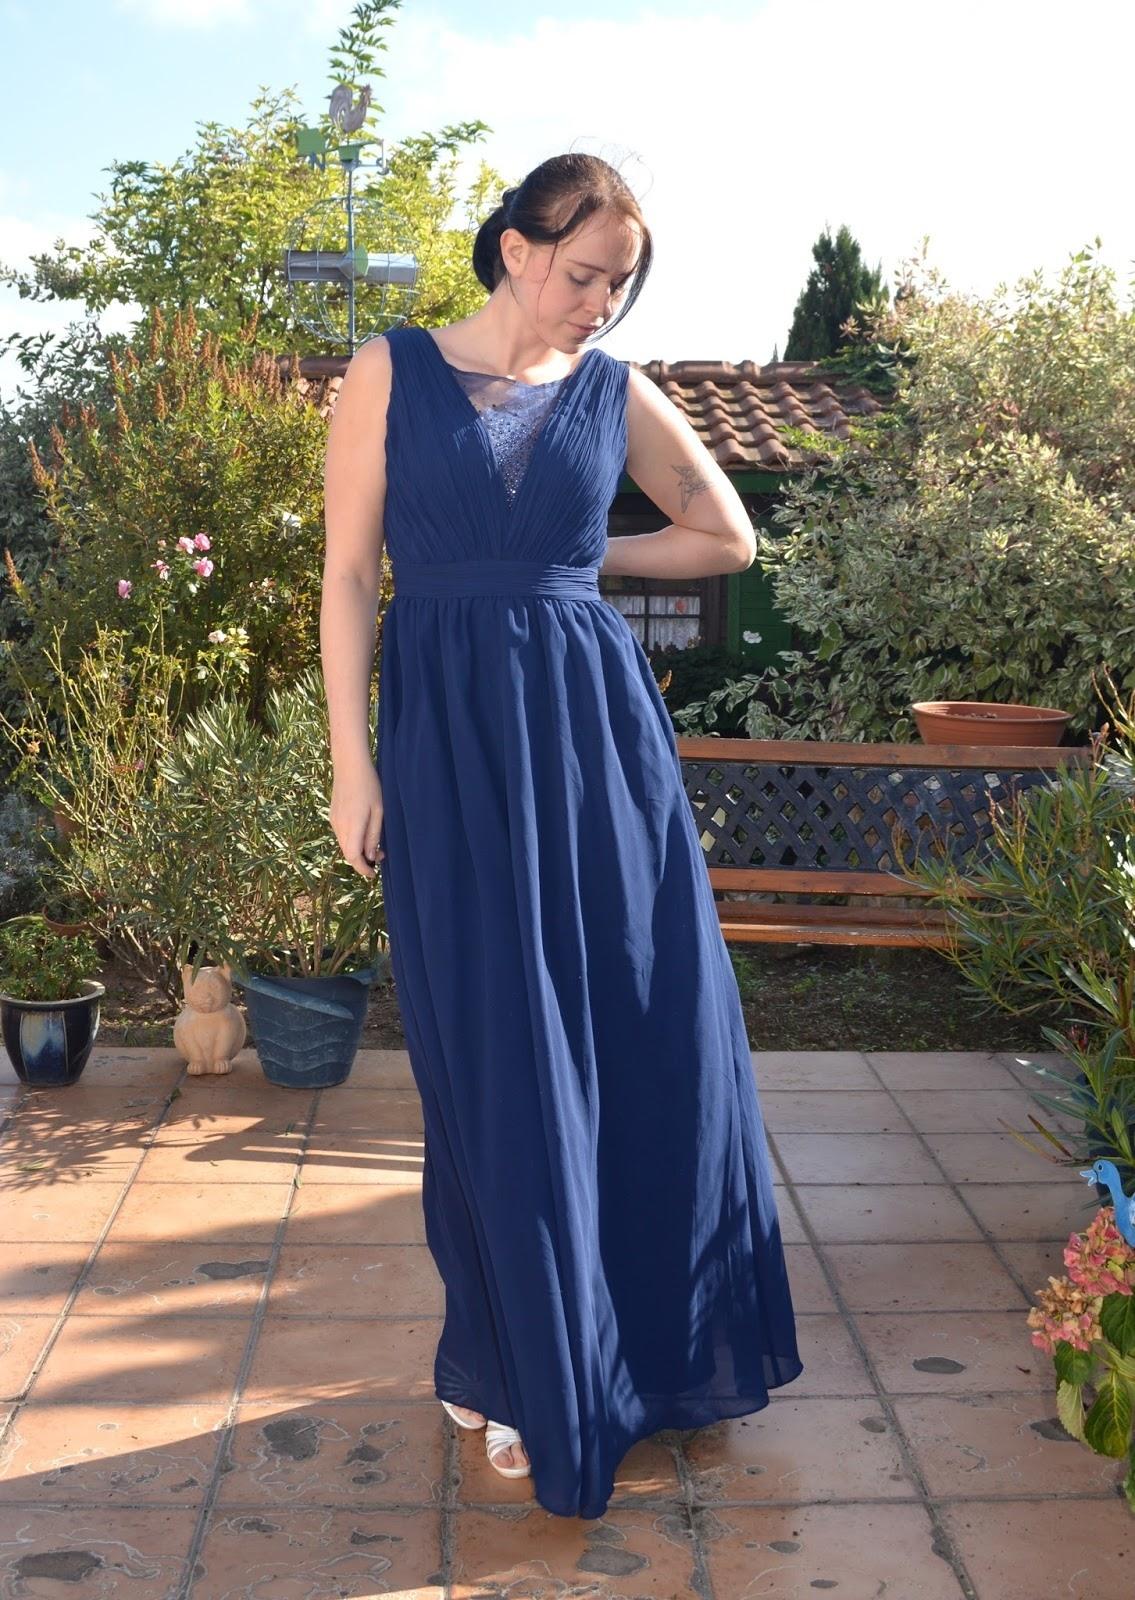 Blaues kleid hochzeit bedeutung